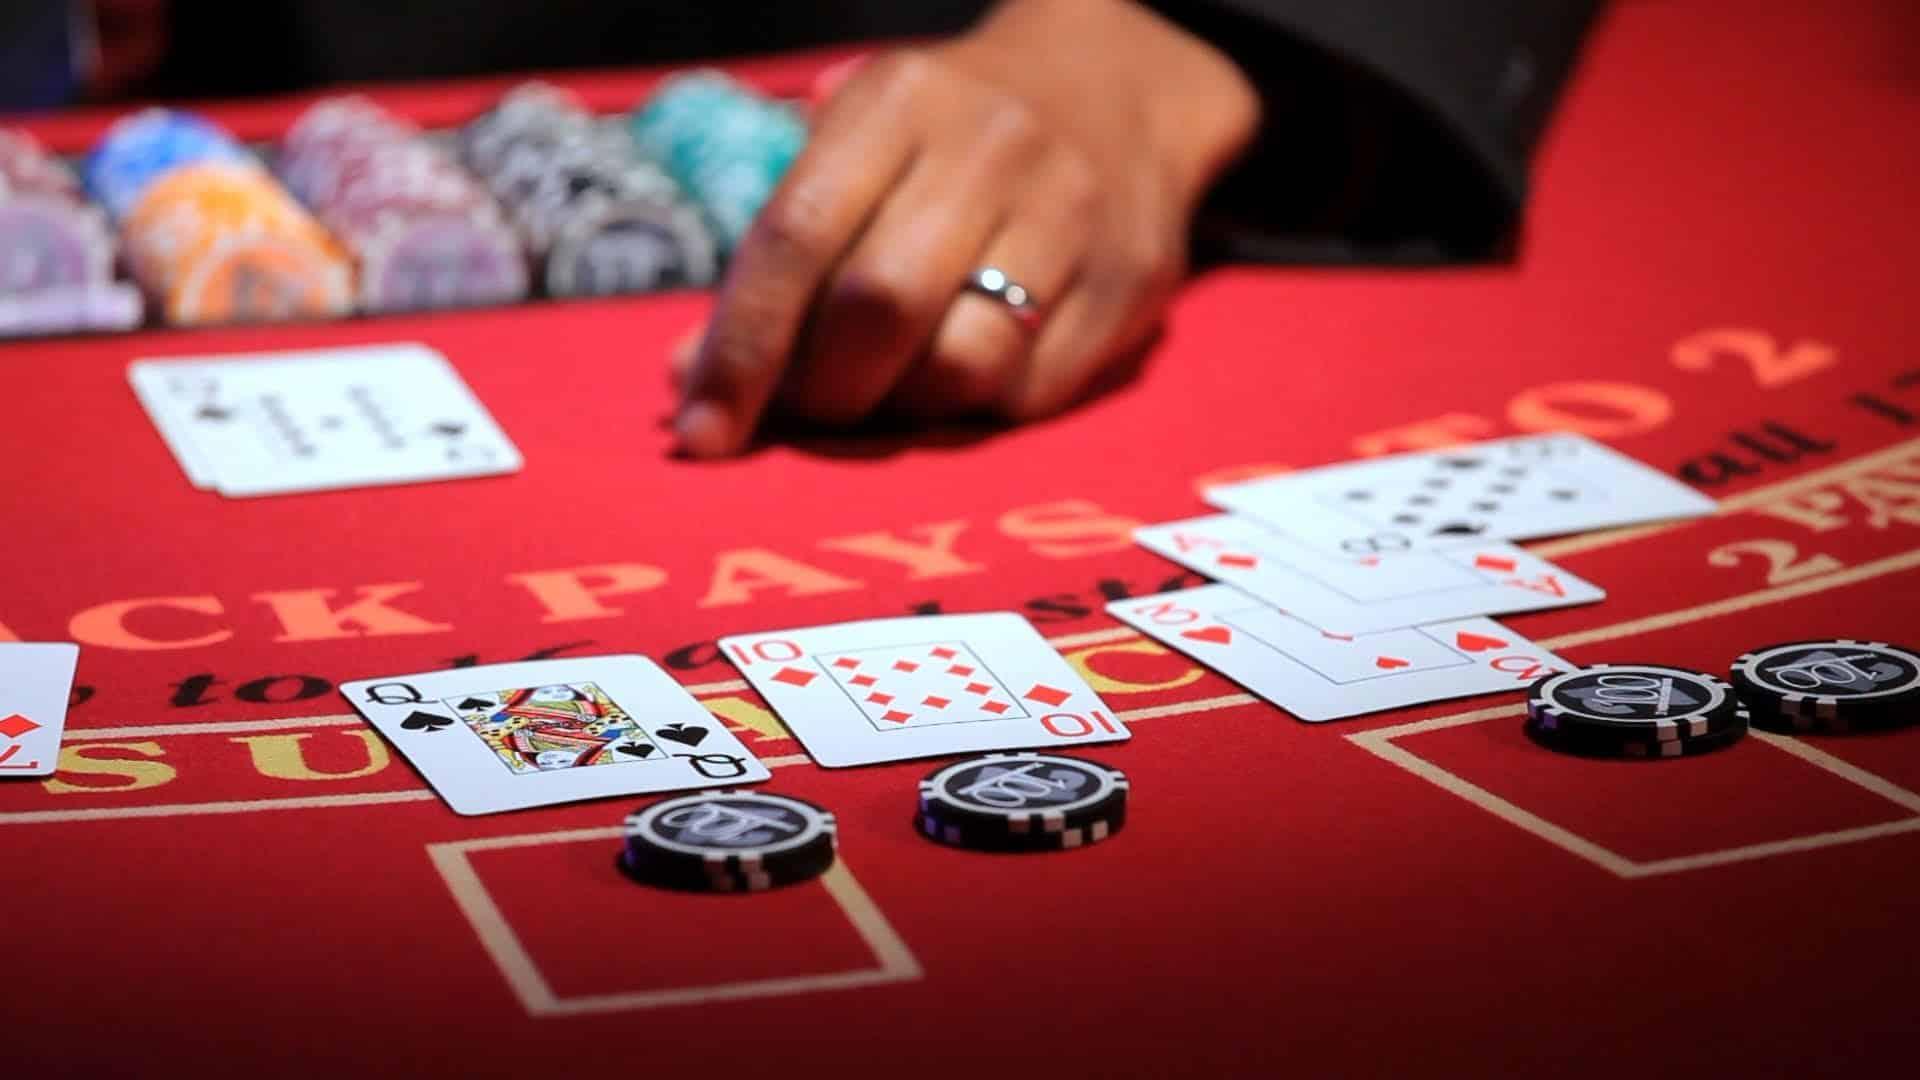 Best online casinos for blackjack